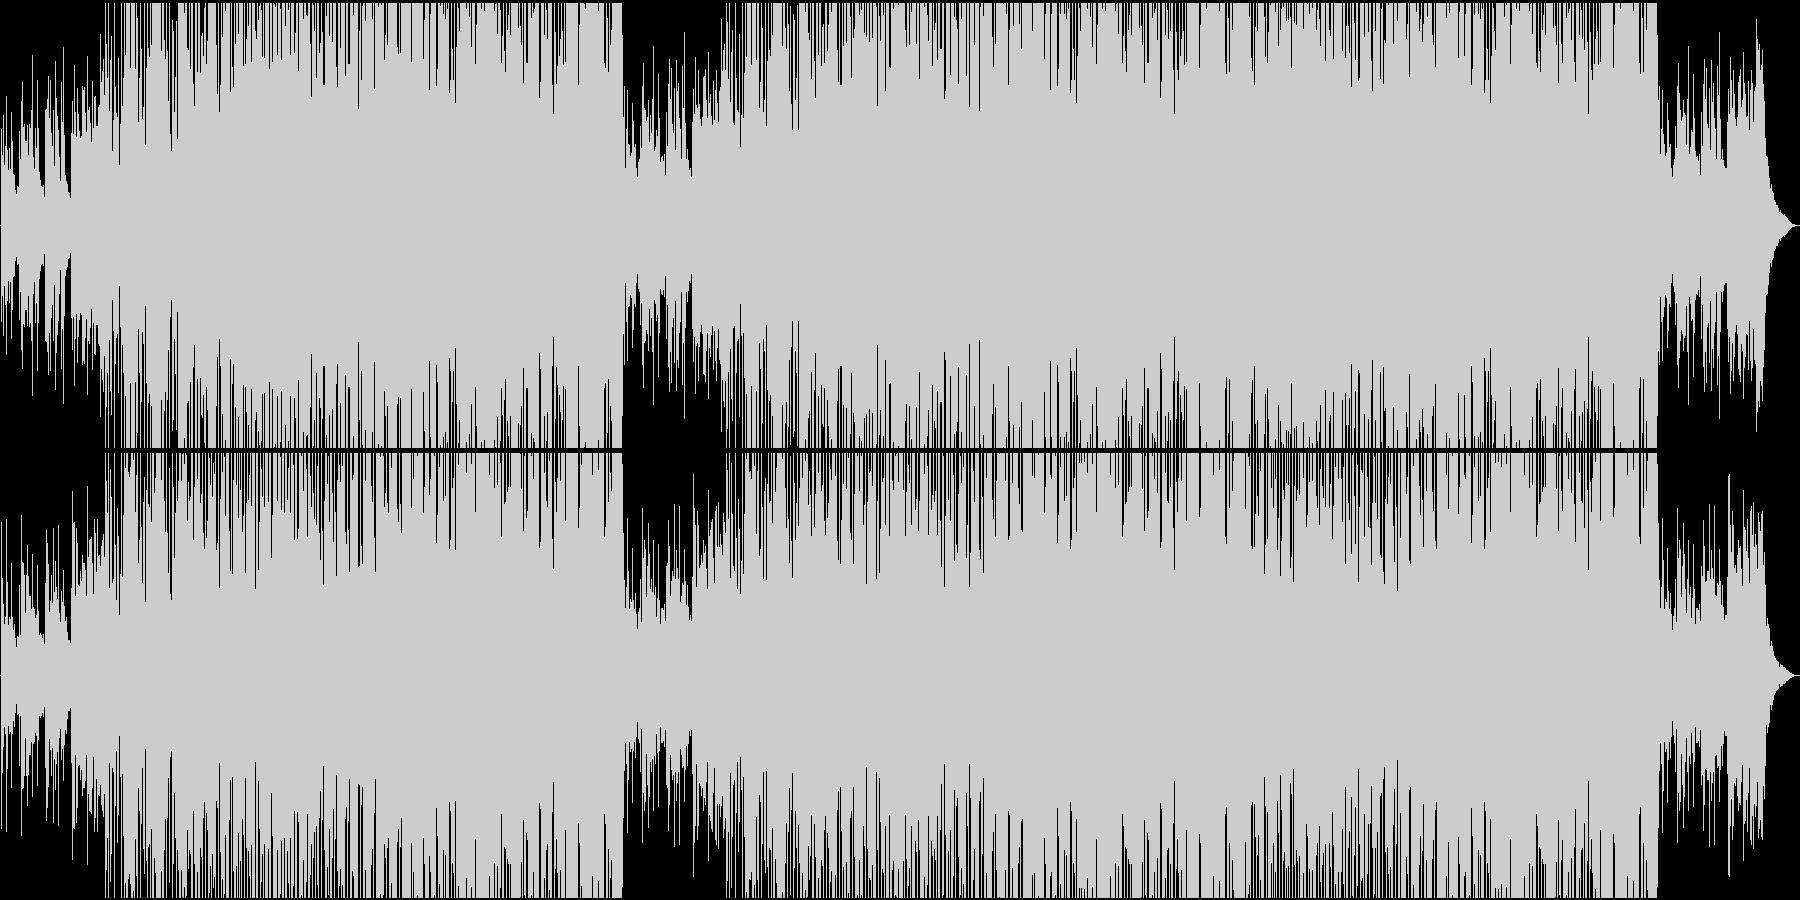 映像用普段のシーンに合う楽しい楽曲の未再生の波形